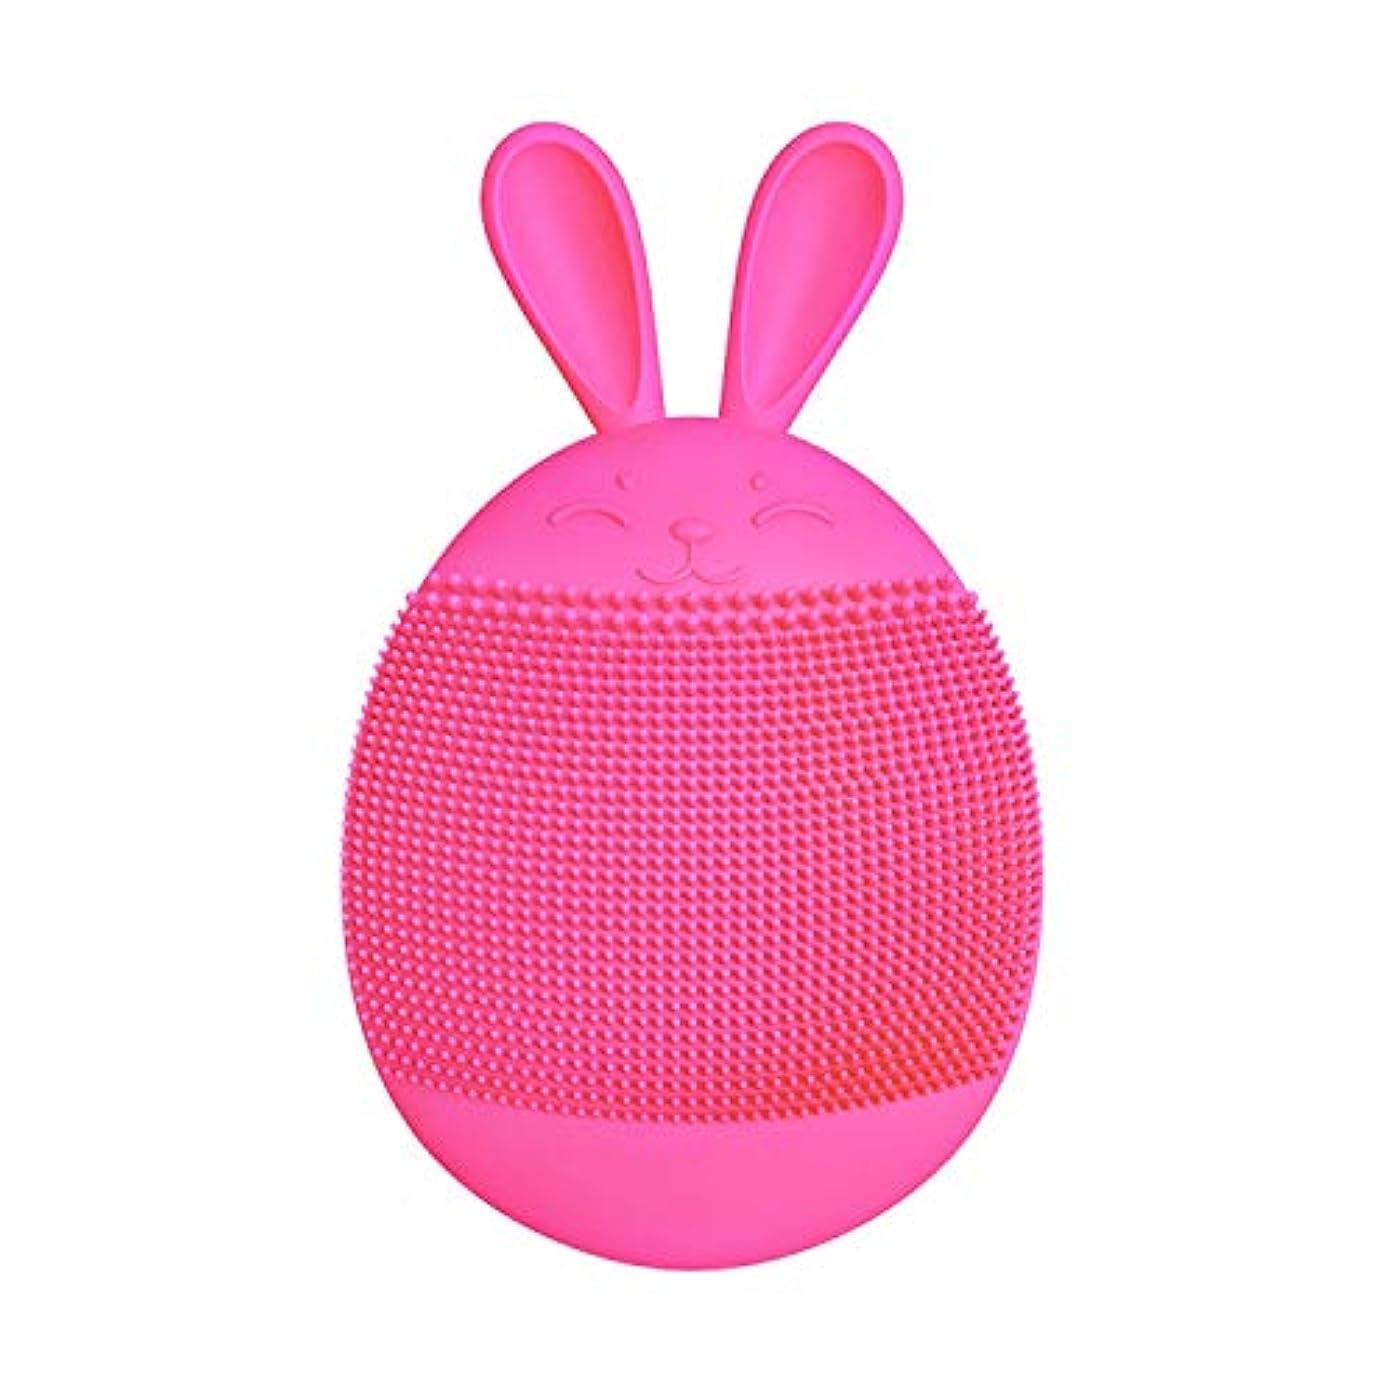 ウォーターフロントにんじんスナッククレンジングブラシ、シリコンハンドヘルド電動クレンジング楽器多機能ポータブル洗顔美容器具(ピンク),D